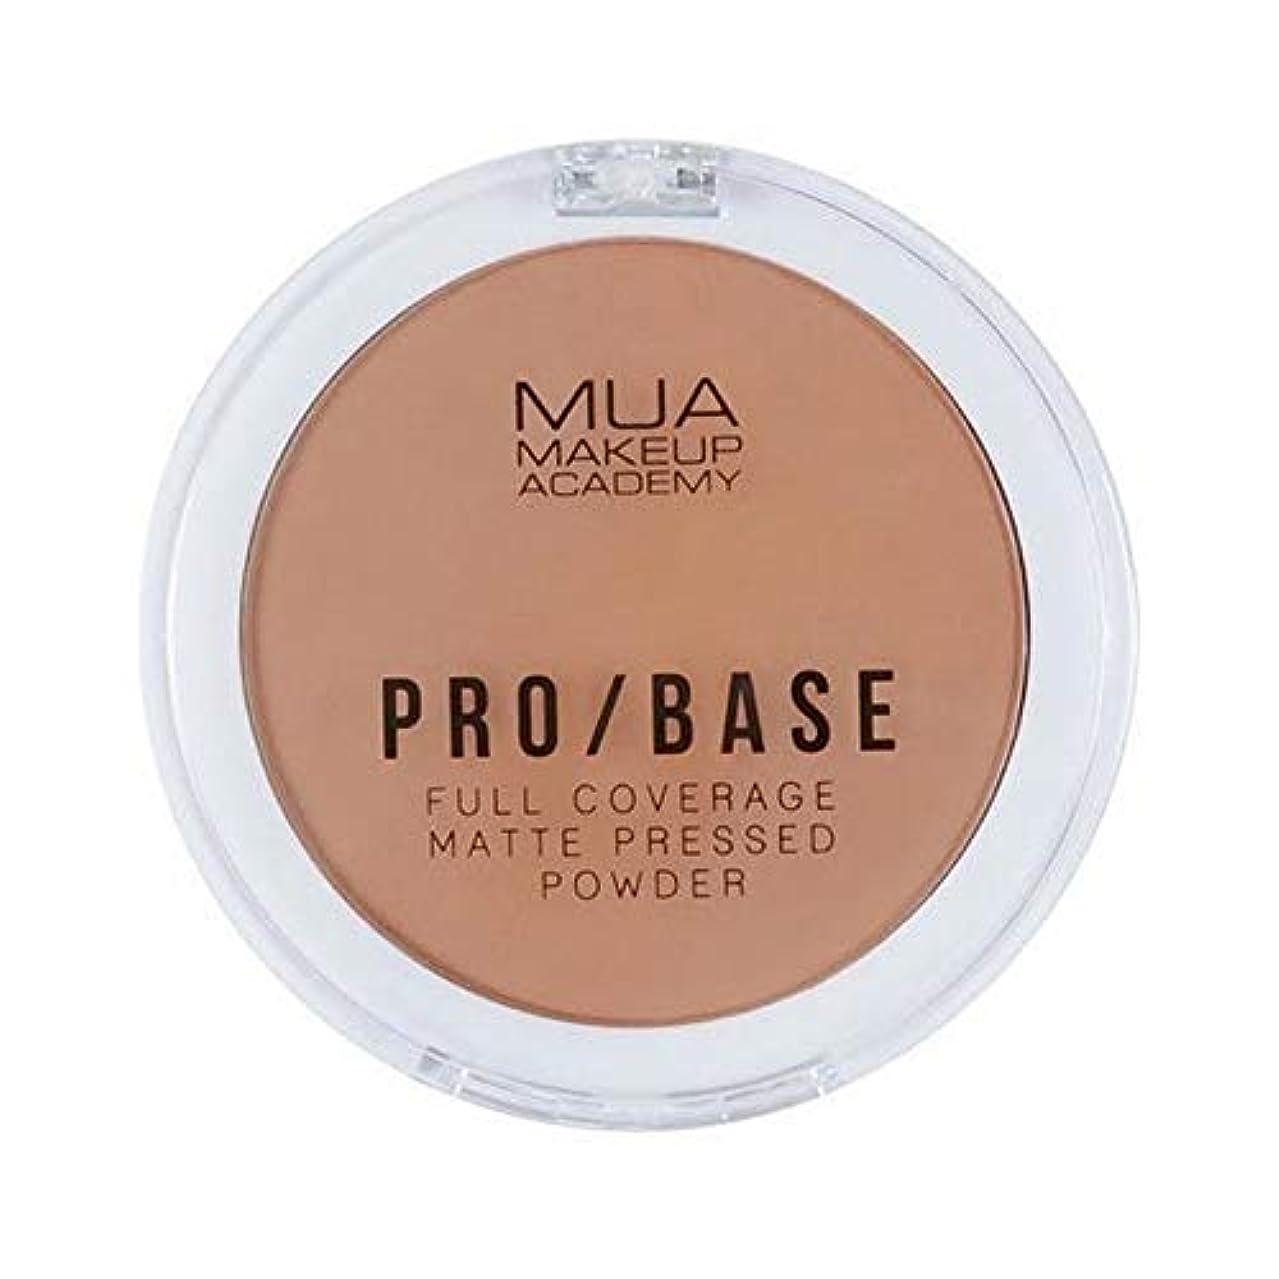 然としたアミューズ奇跡[MUA] Muaプロ/ベースのフルカバレッジマットパウダー#160 - MUA Pro/Base Full Coverage Matte Powder #160 [並行輸入品]